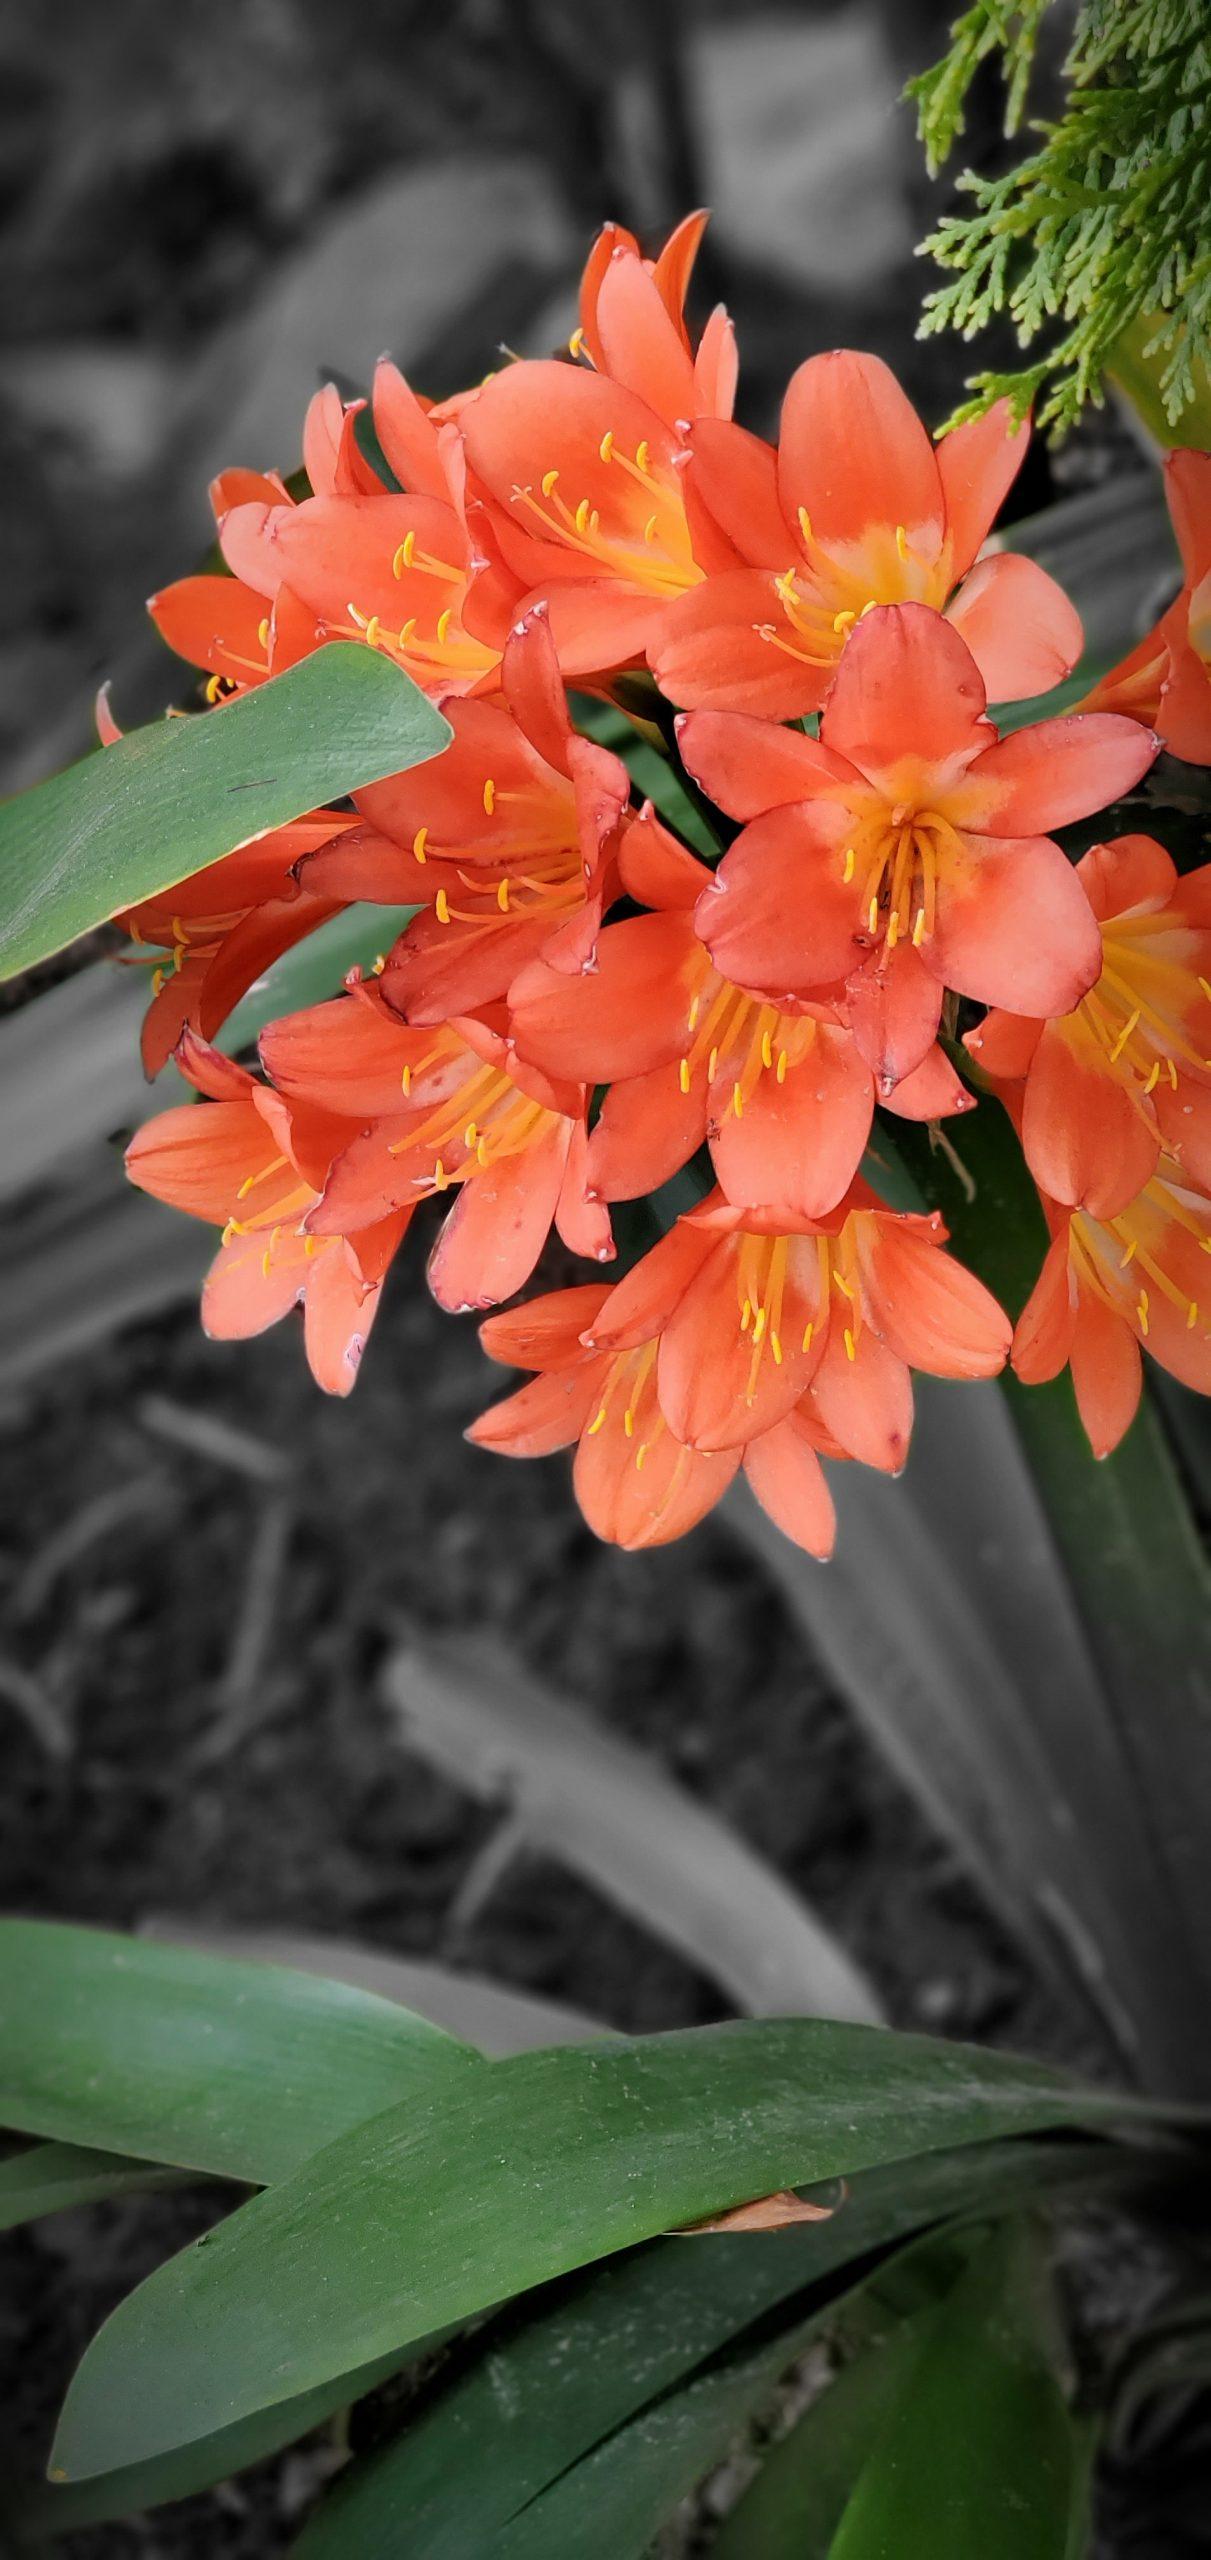 Flowers7 at Simola